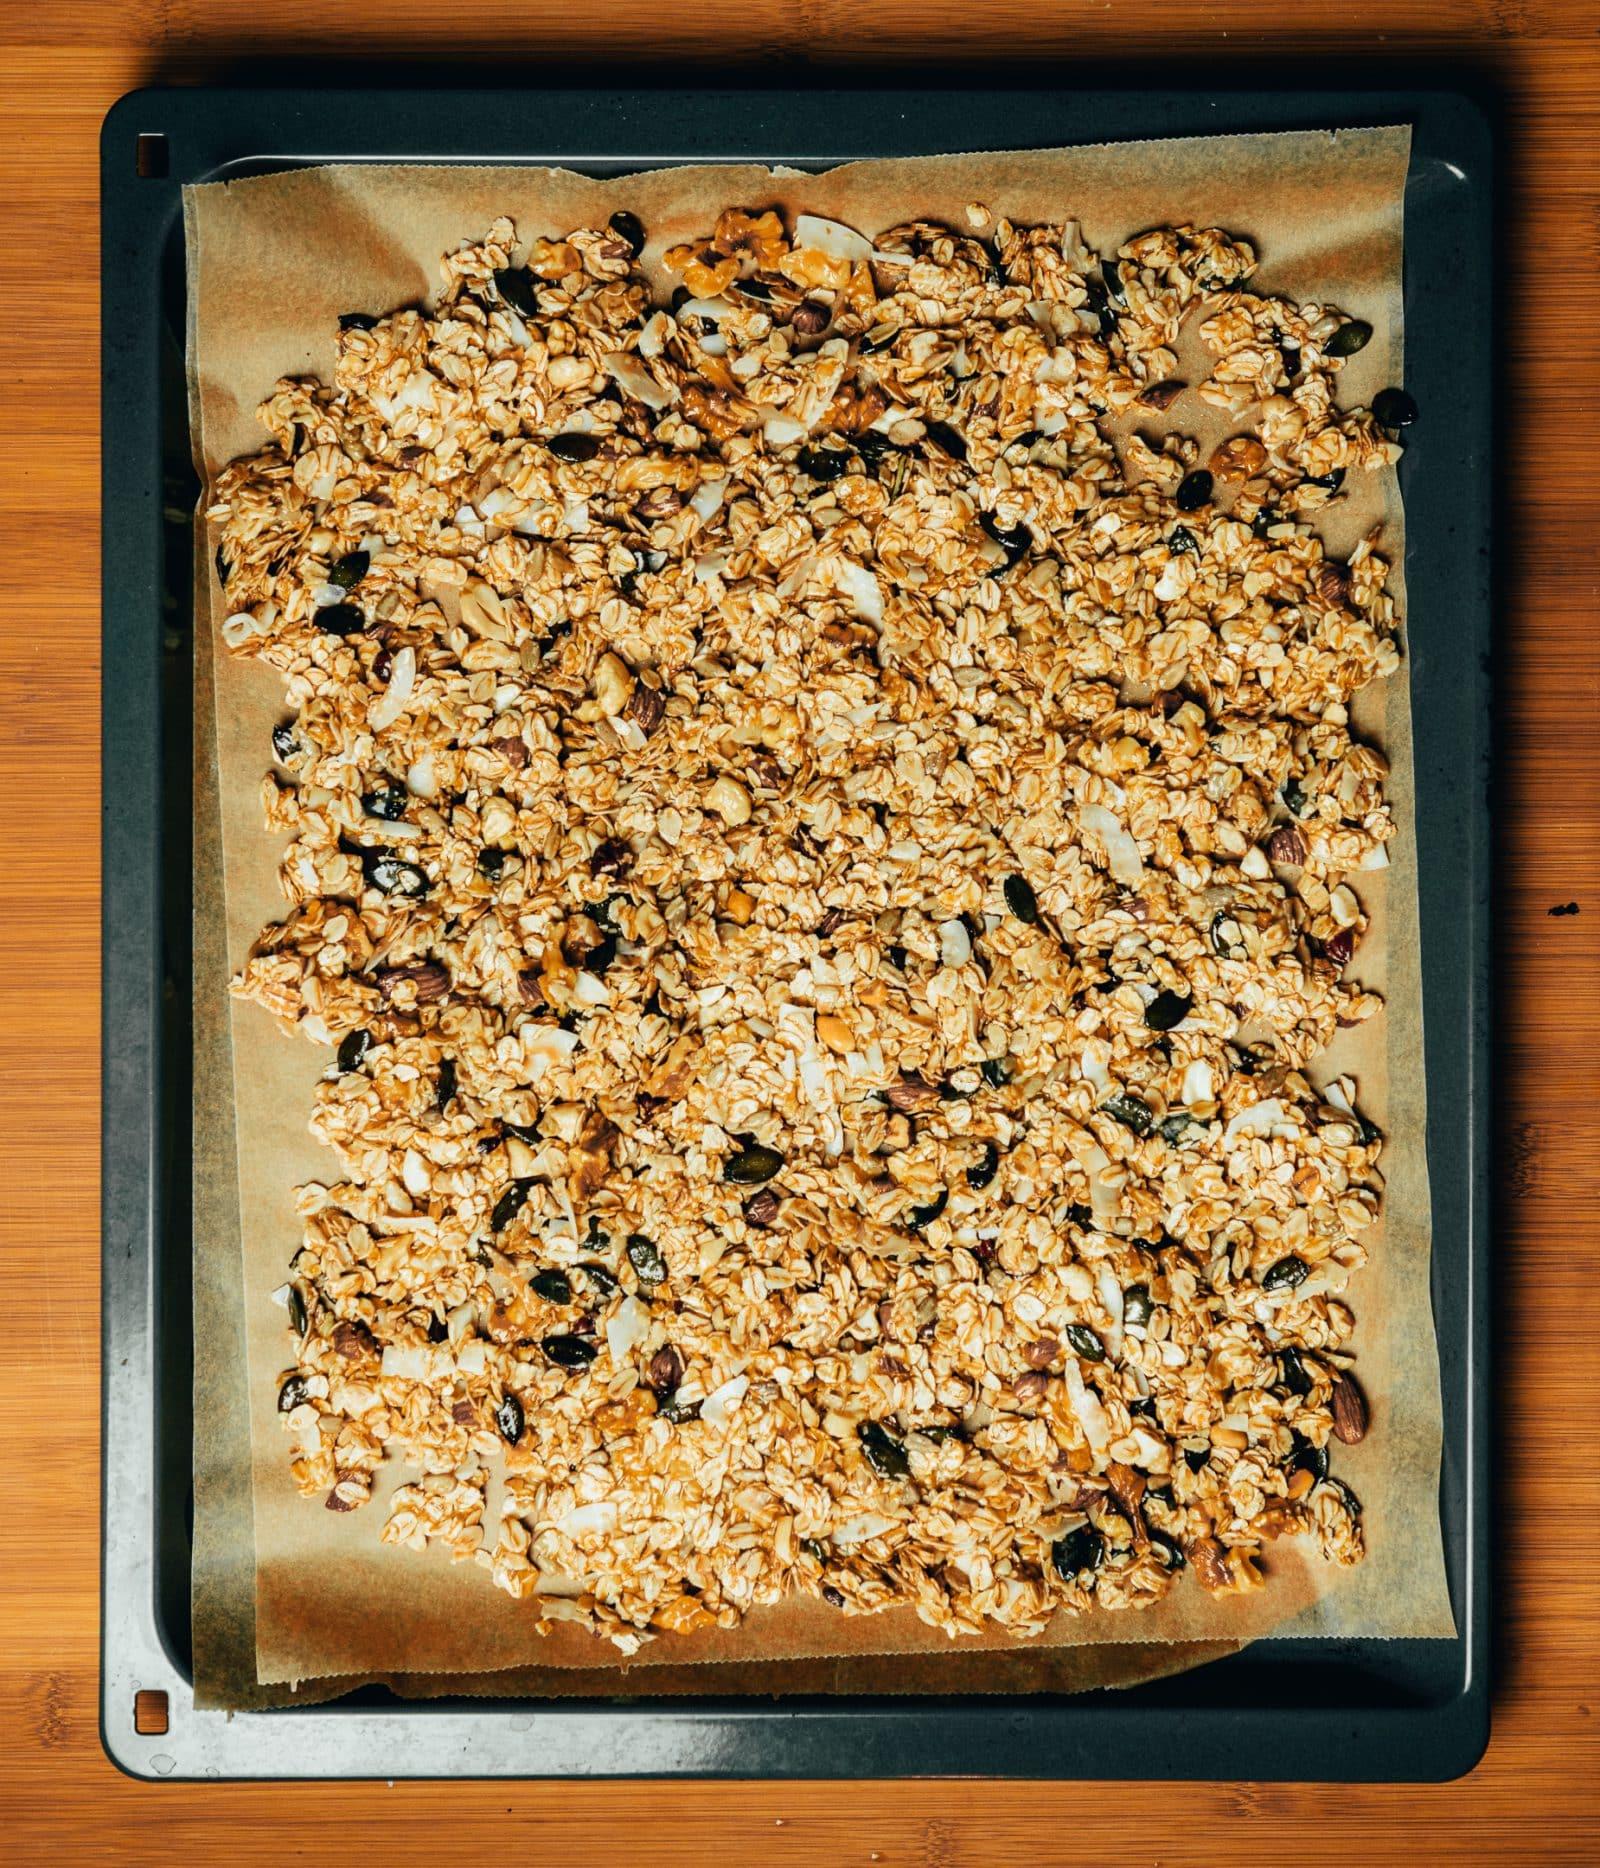 Verteile die Masse gleichmäßig auf einem mit Backpapier ausgelegten Backblech und schiebe es in die Mitte des Ofens.